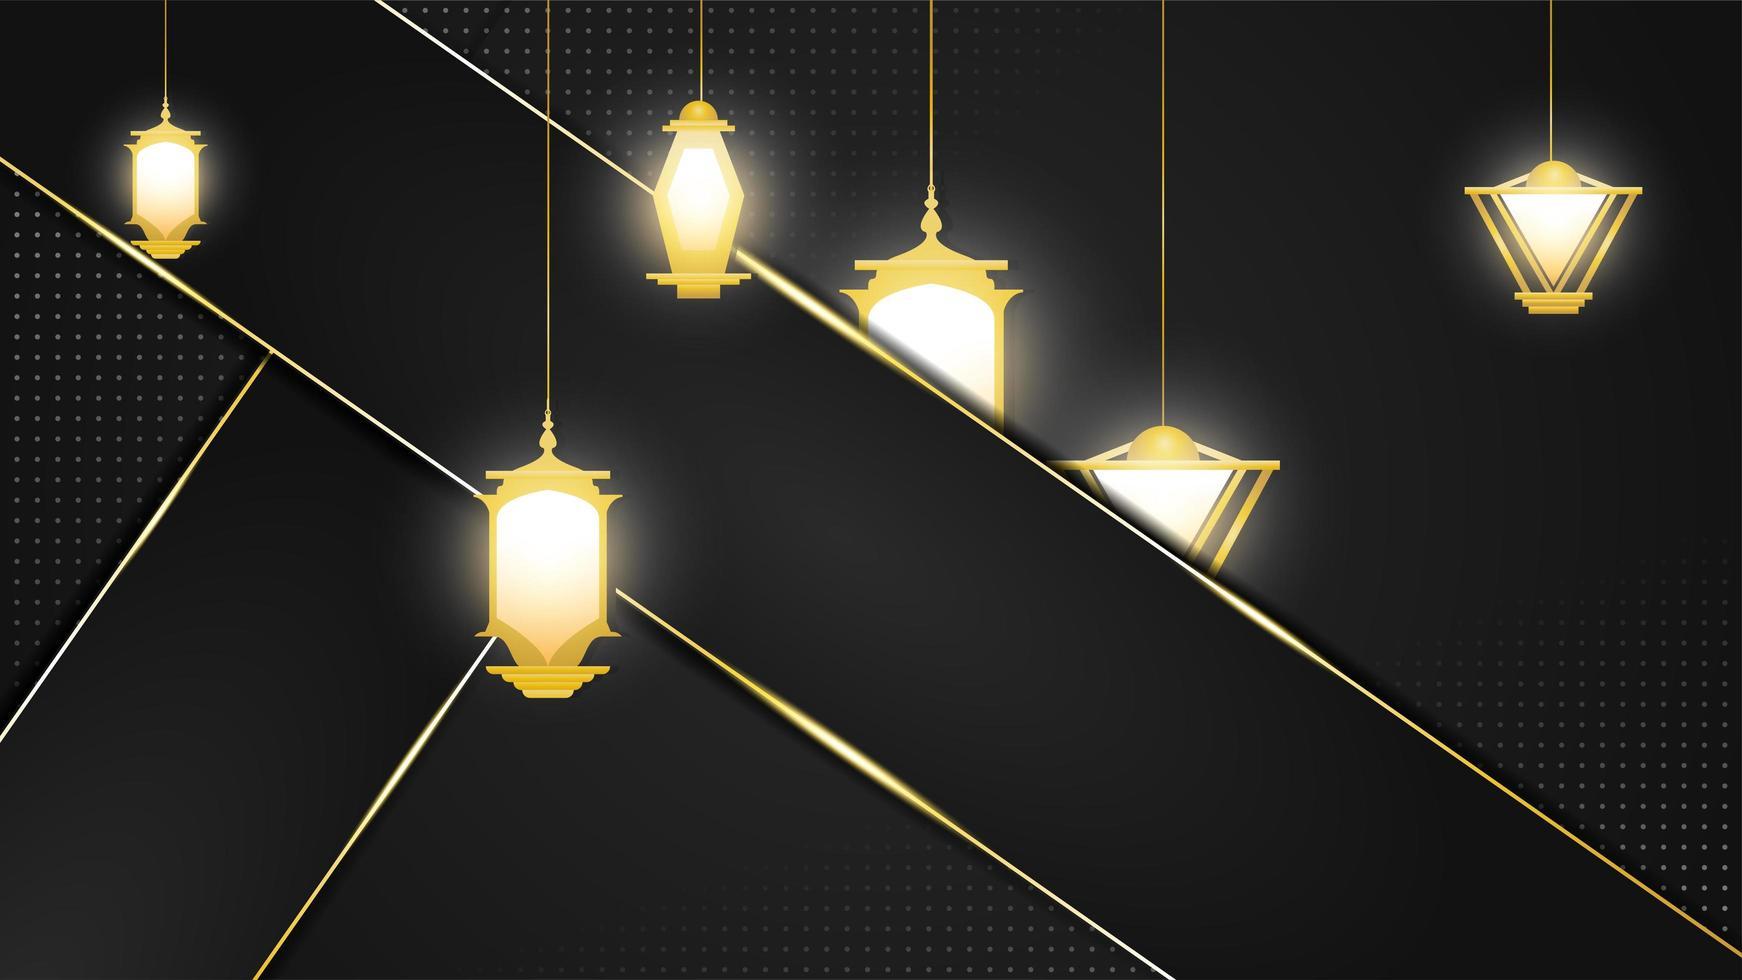 zwarte en gouden achtergrond met lagen en Arabische lantaarns vector